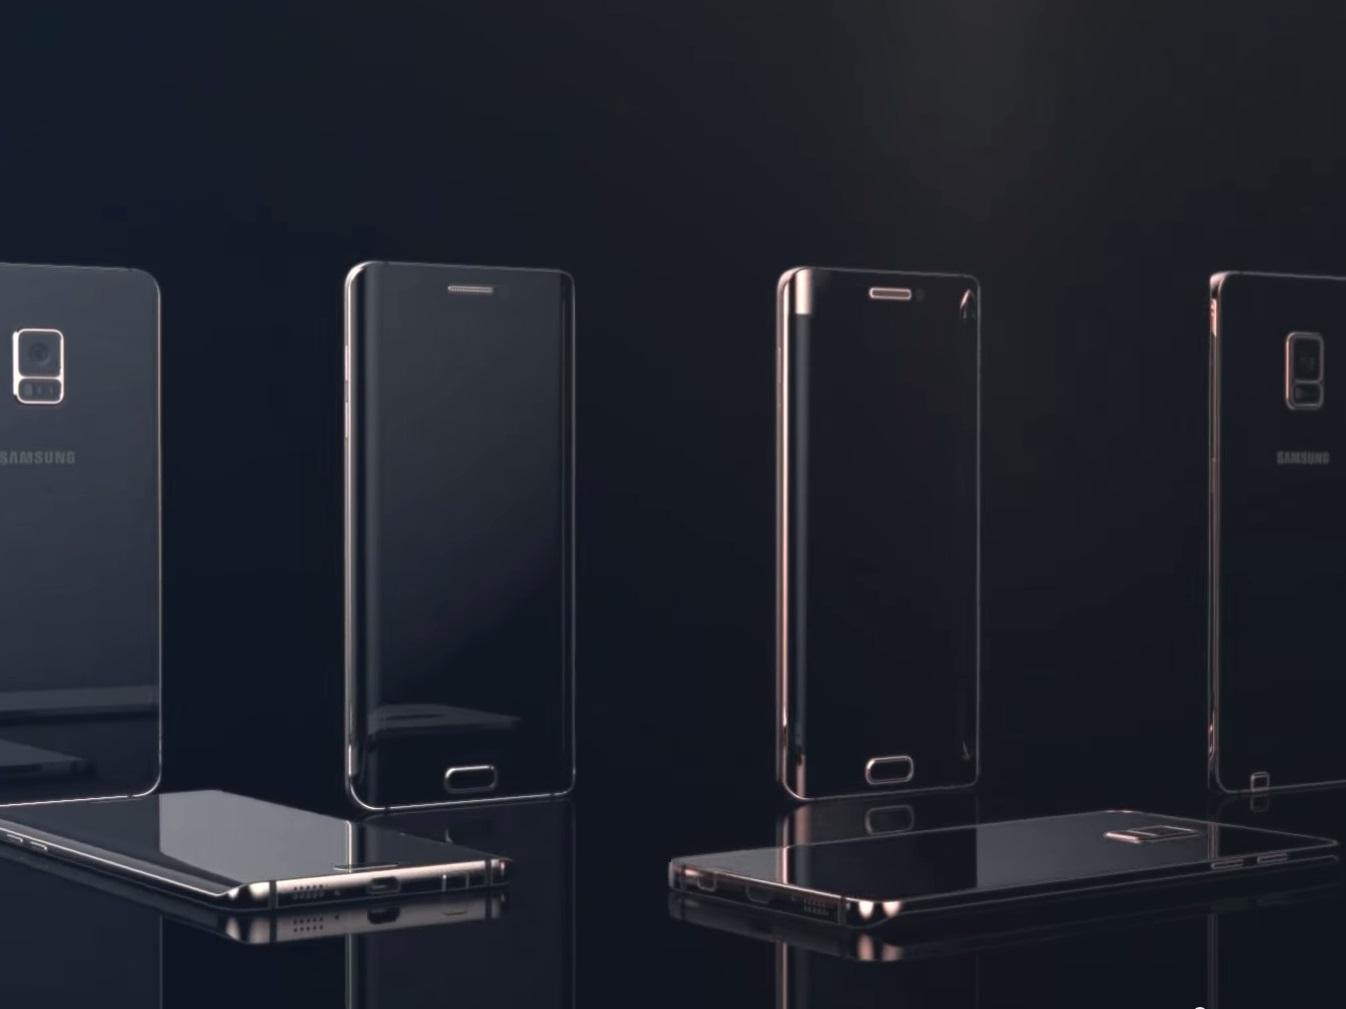 Samsung-Galaxy-Note-5-edge-renders-6